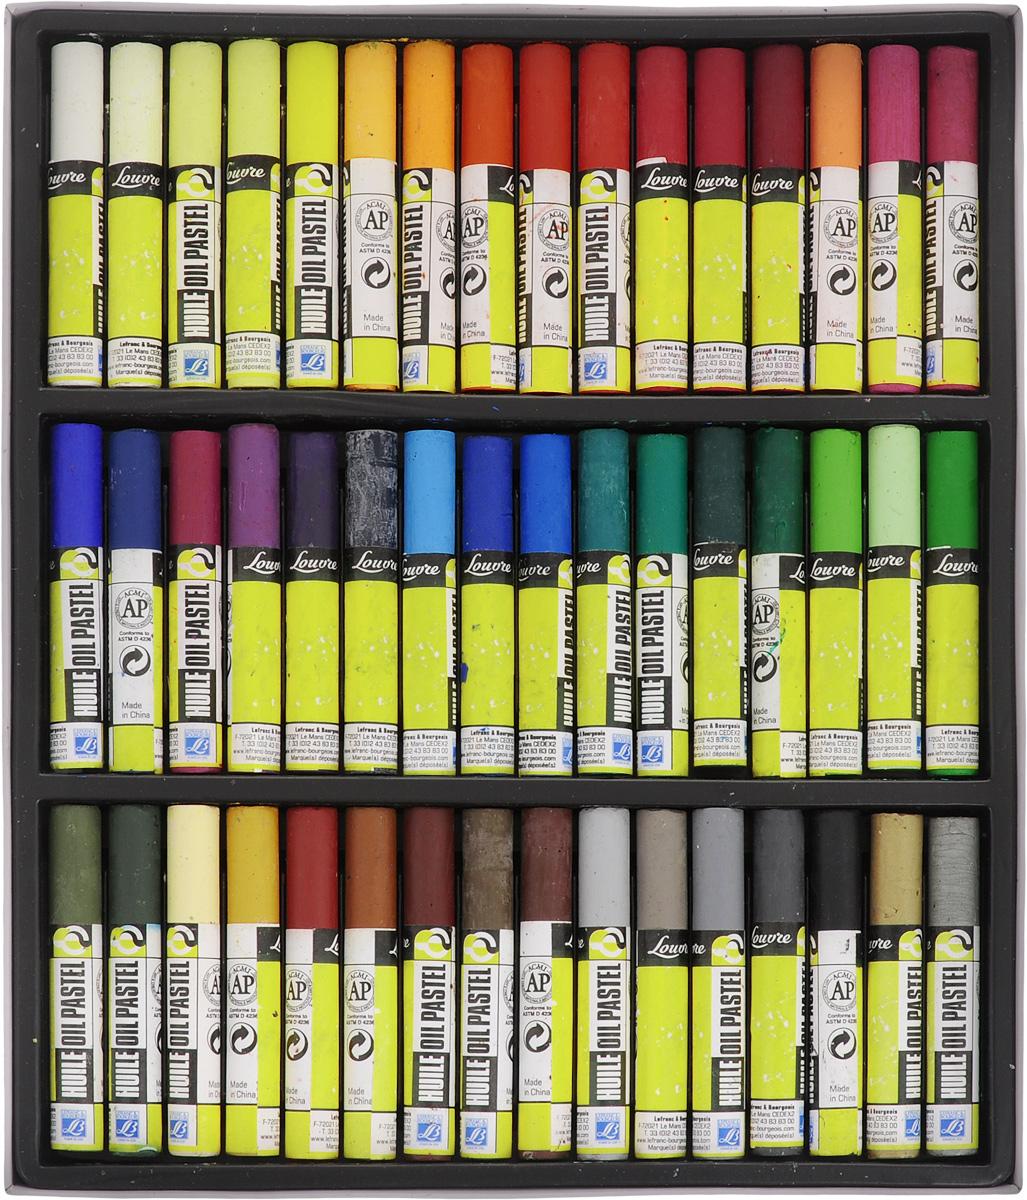 Набор масляной пастели Lefranc & Bourgeois Louvre, 48 штLF806345Набор Lefranc & Bourgeois Louvre состоит из 48 мелков масляной пастели разных цветов. Пастель мерцающая и мягкая. Каждый мелок защищен оболочкой, что создает дополнительные удобства для использования. Пастель может применяться разными способами: - для создания эффекта прозрачности ее используют с уайт-спиритом, - для получения пастозного эффекта кончик мелка нагревают и в размягченном виде наносят на бумагу при помощи мастихина. Длина мелка: 7 см. Комплектация: 48 шт.